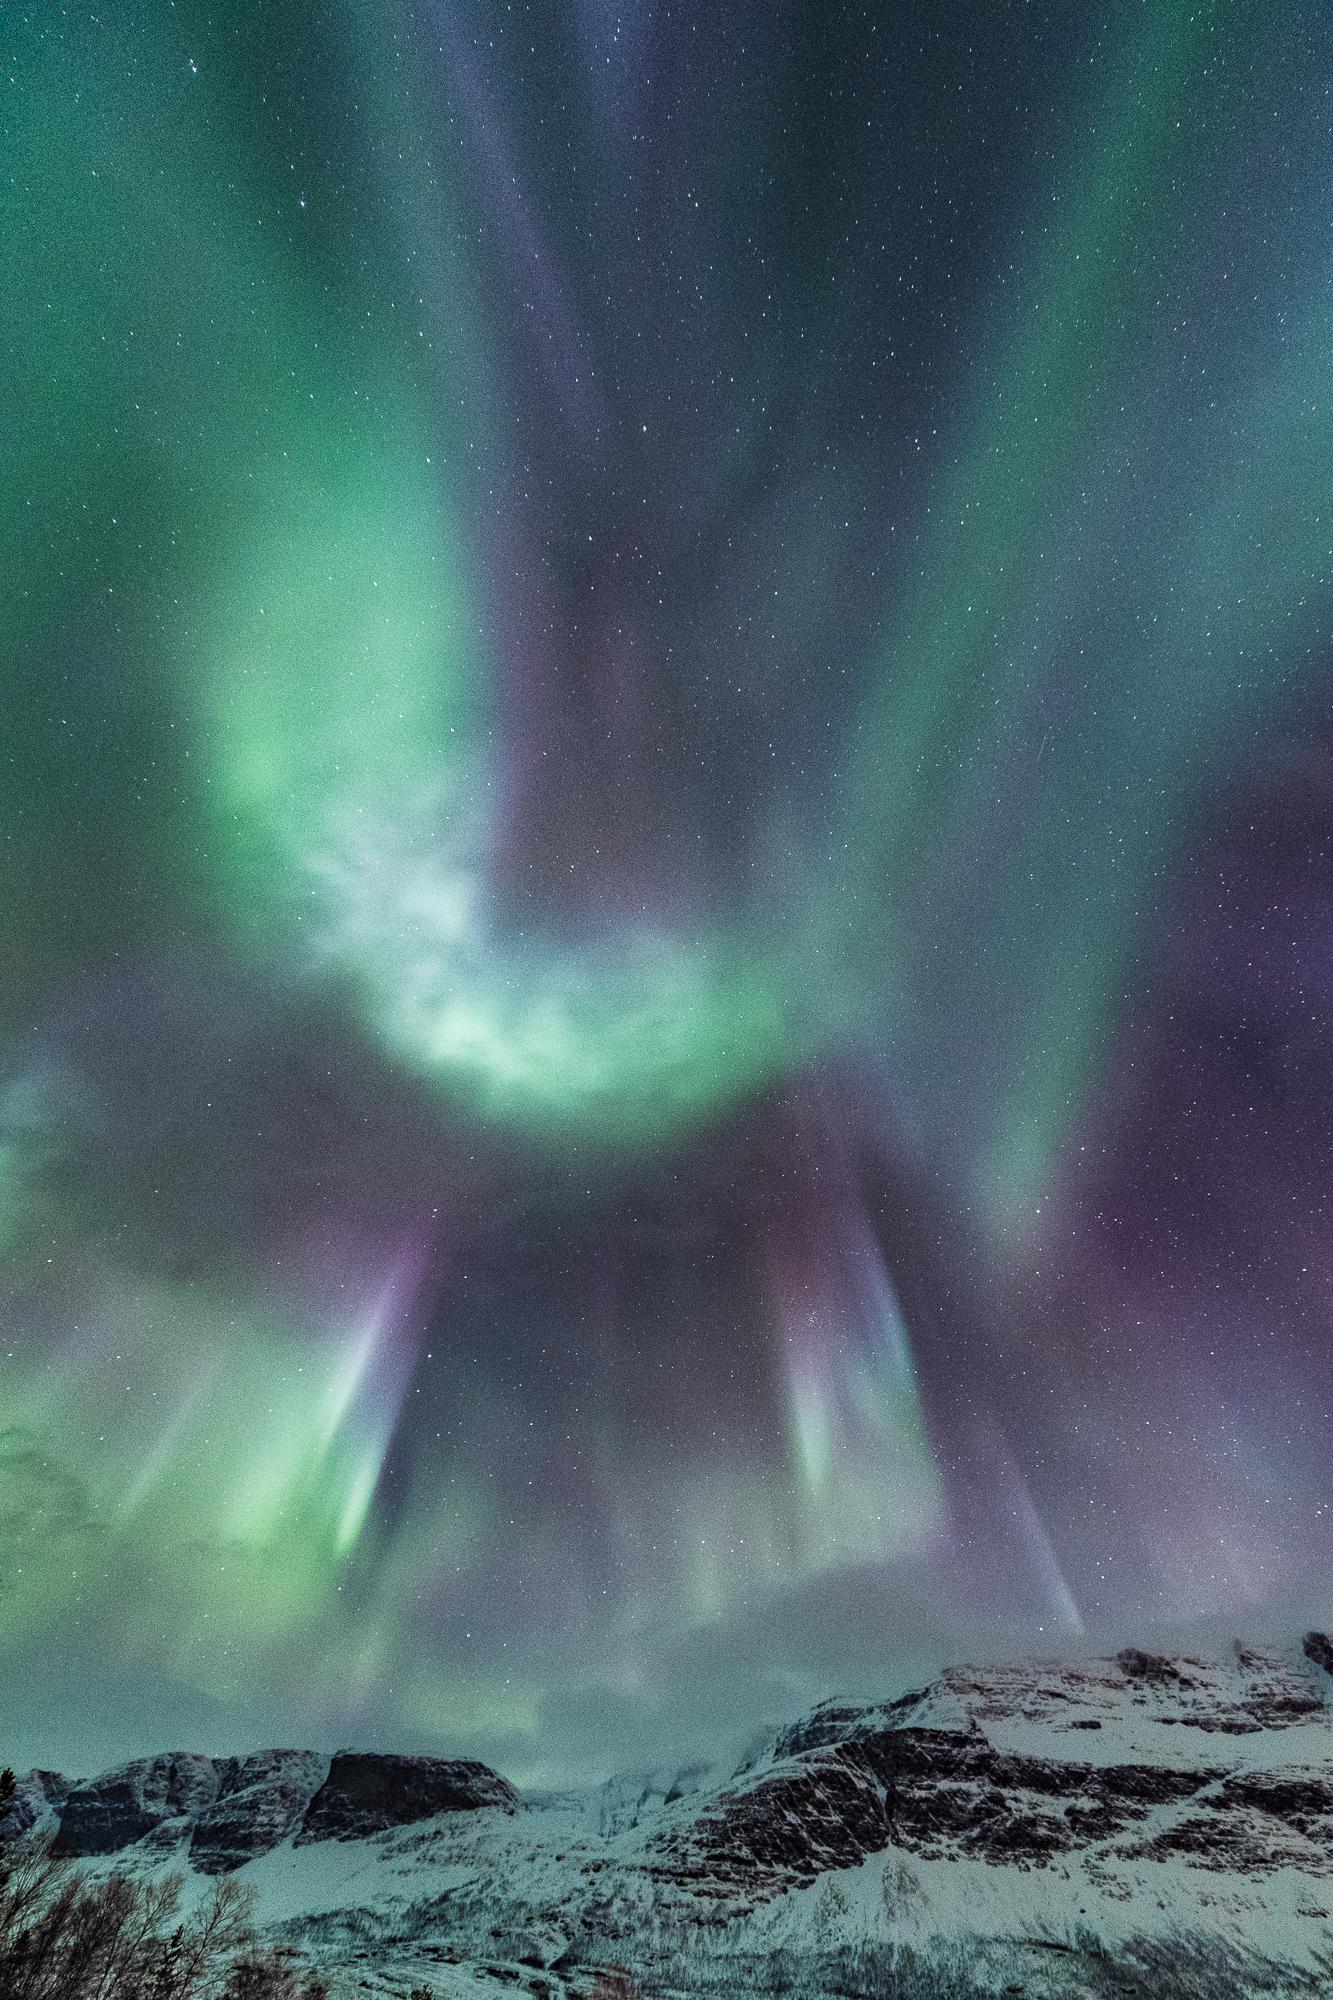 Aurora fireworks like New Year's Eve